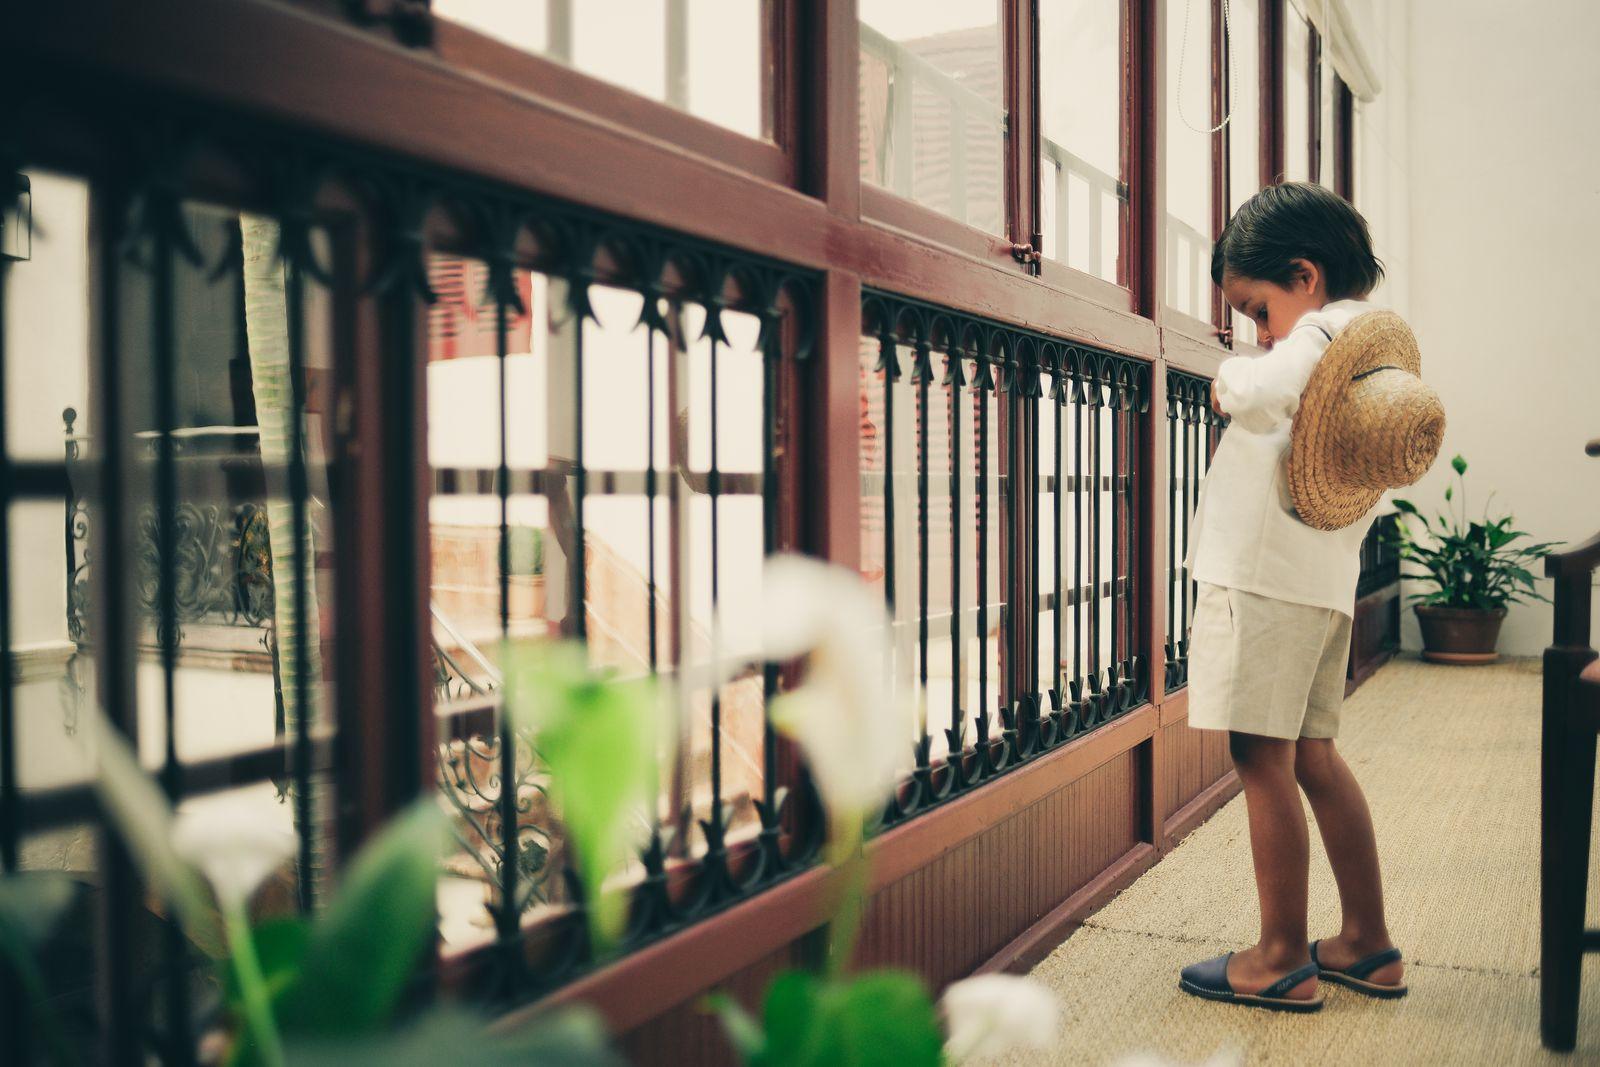 fotografo bodas mallorca 015.jpg